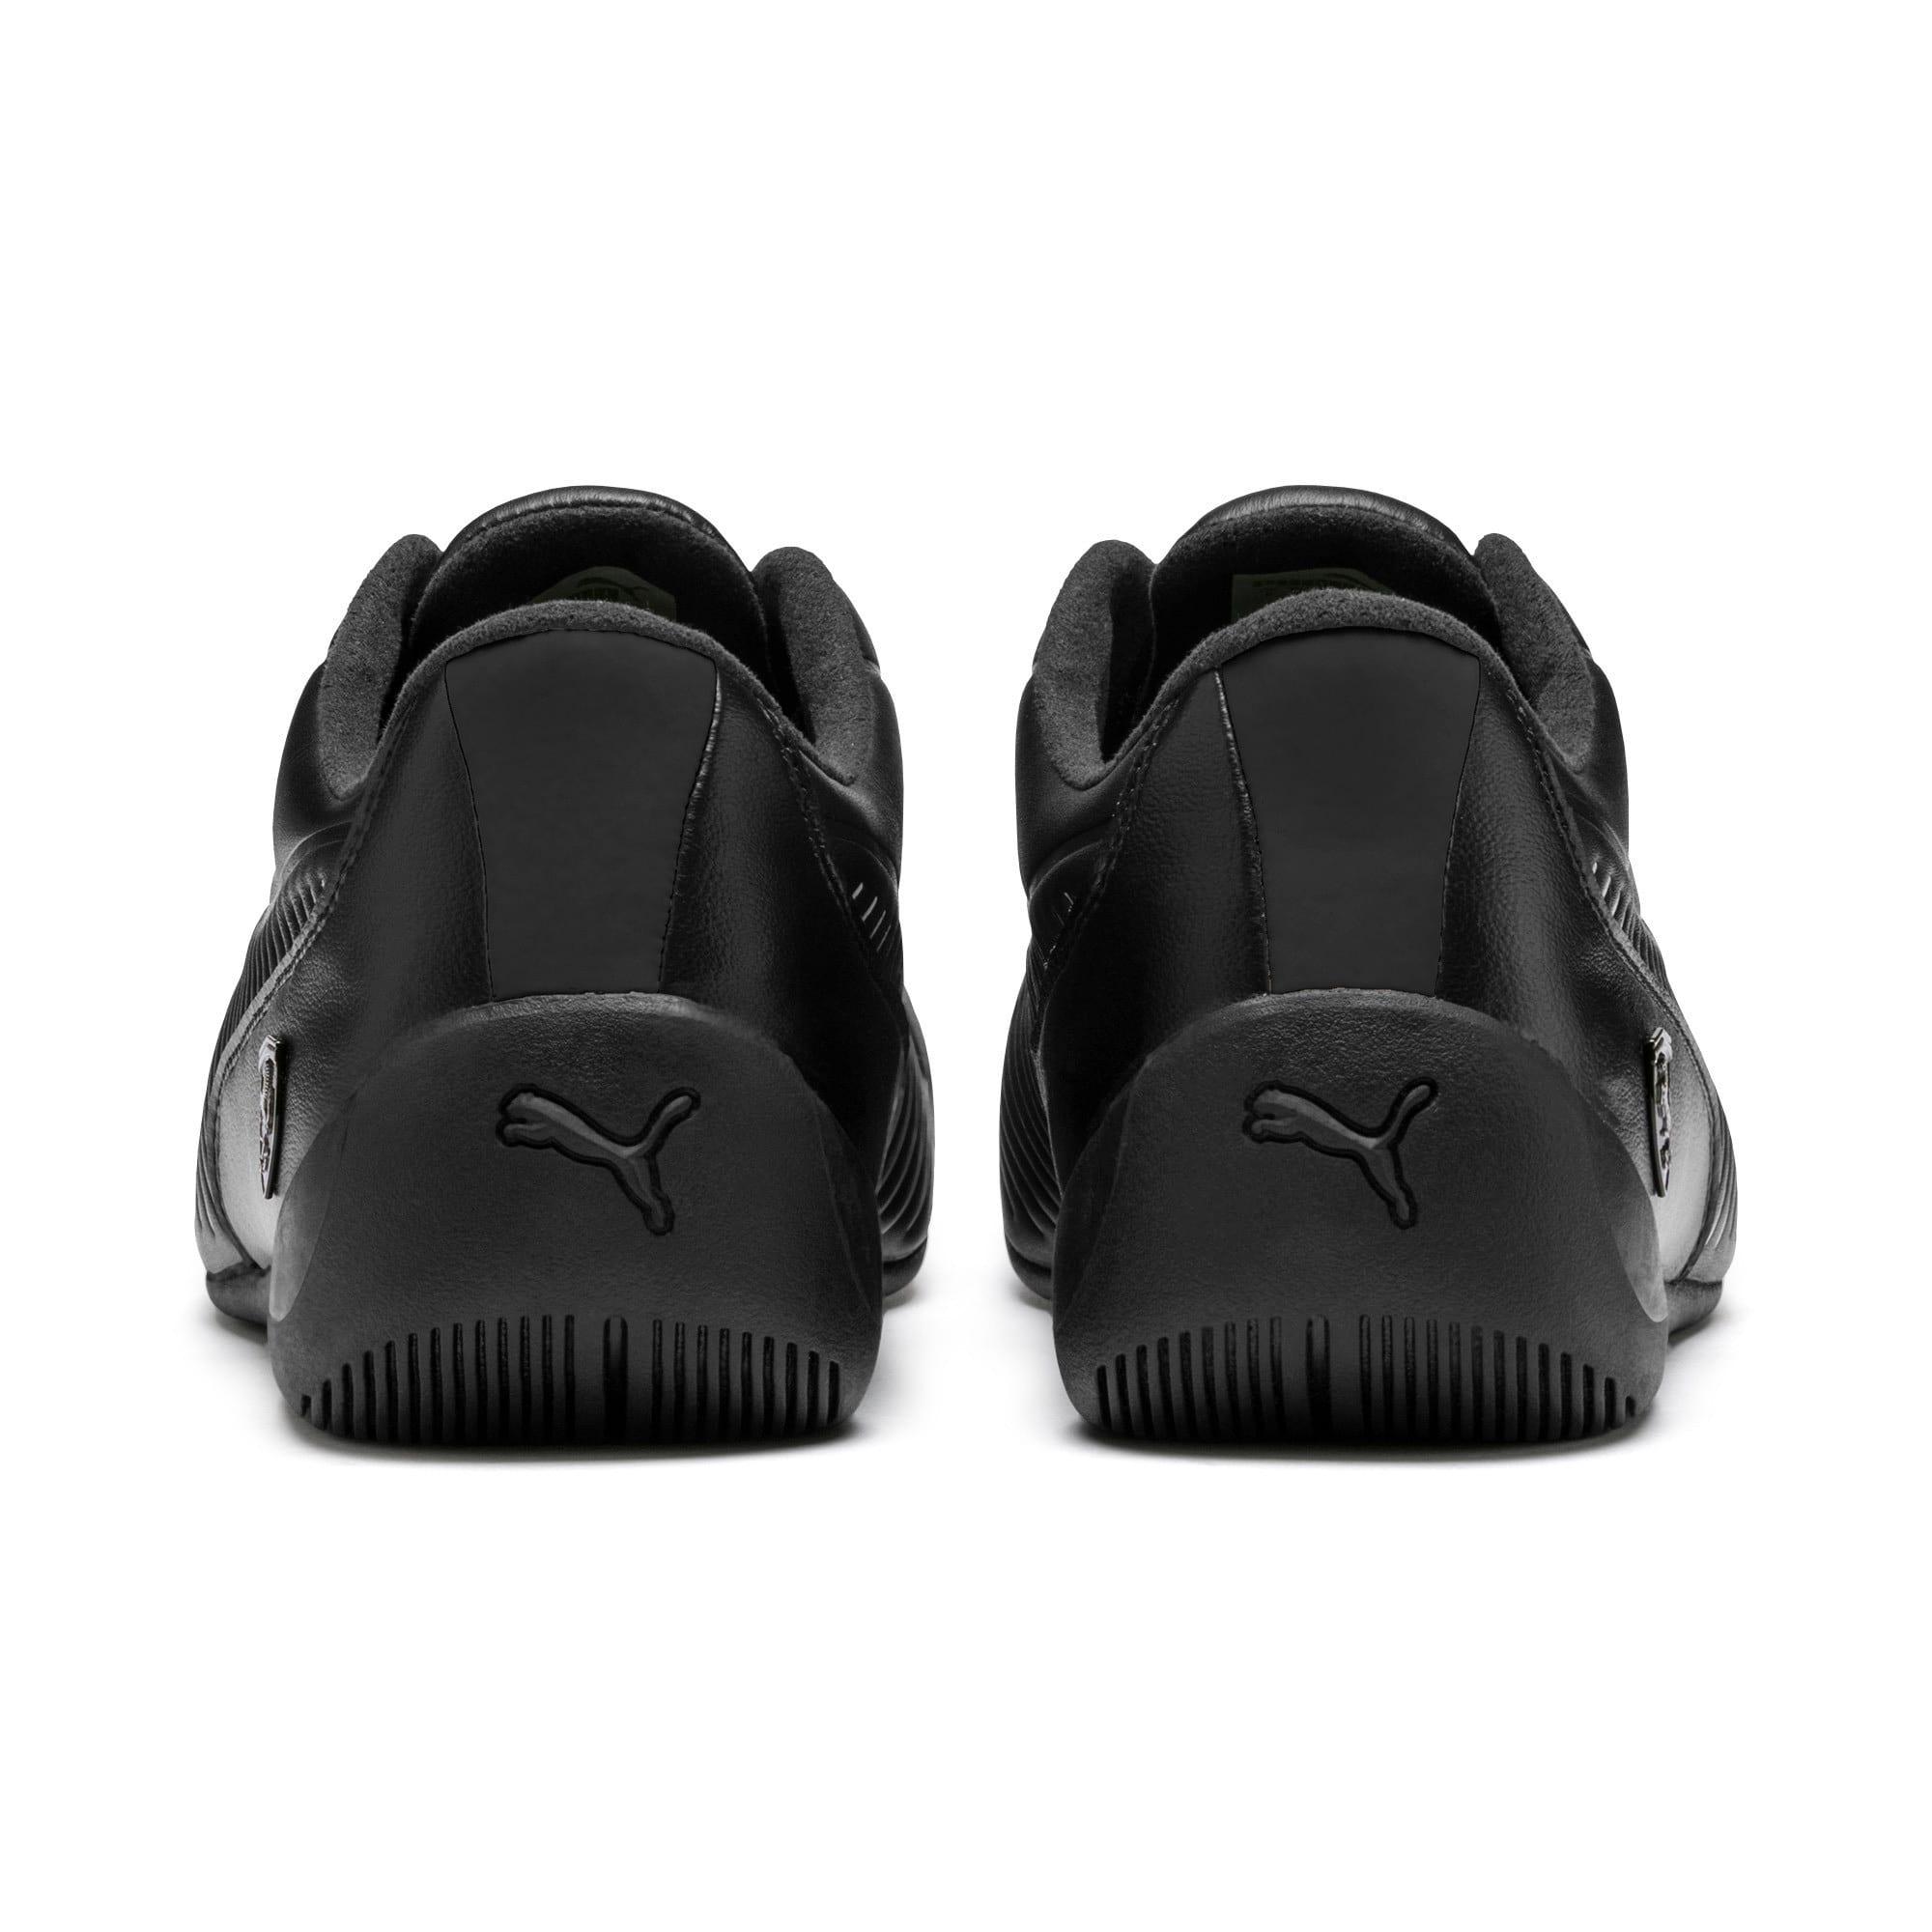 Thumbnail 4 of Scuderia Ferrari Drift Cat 7S Ultra LS Men's Shoes, Puma Black-Pastel Parchment, medium